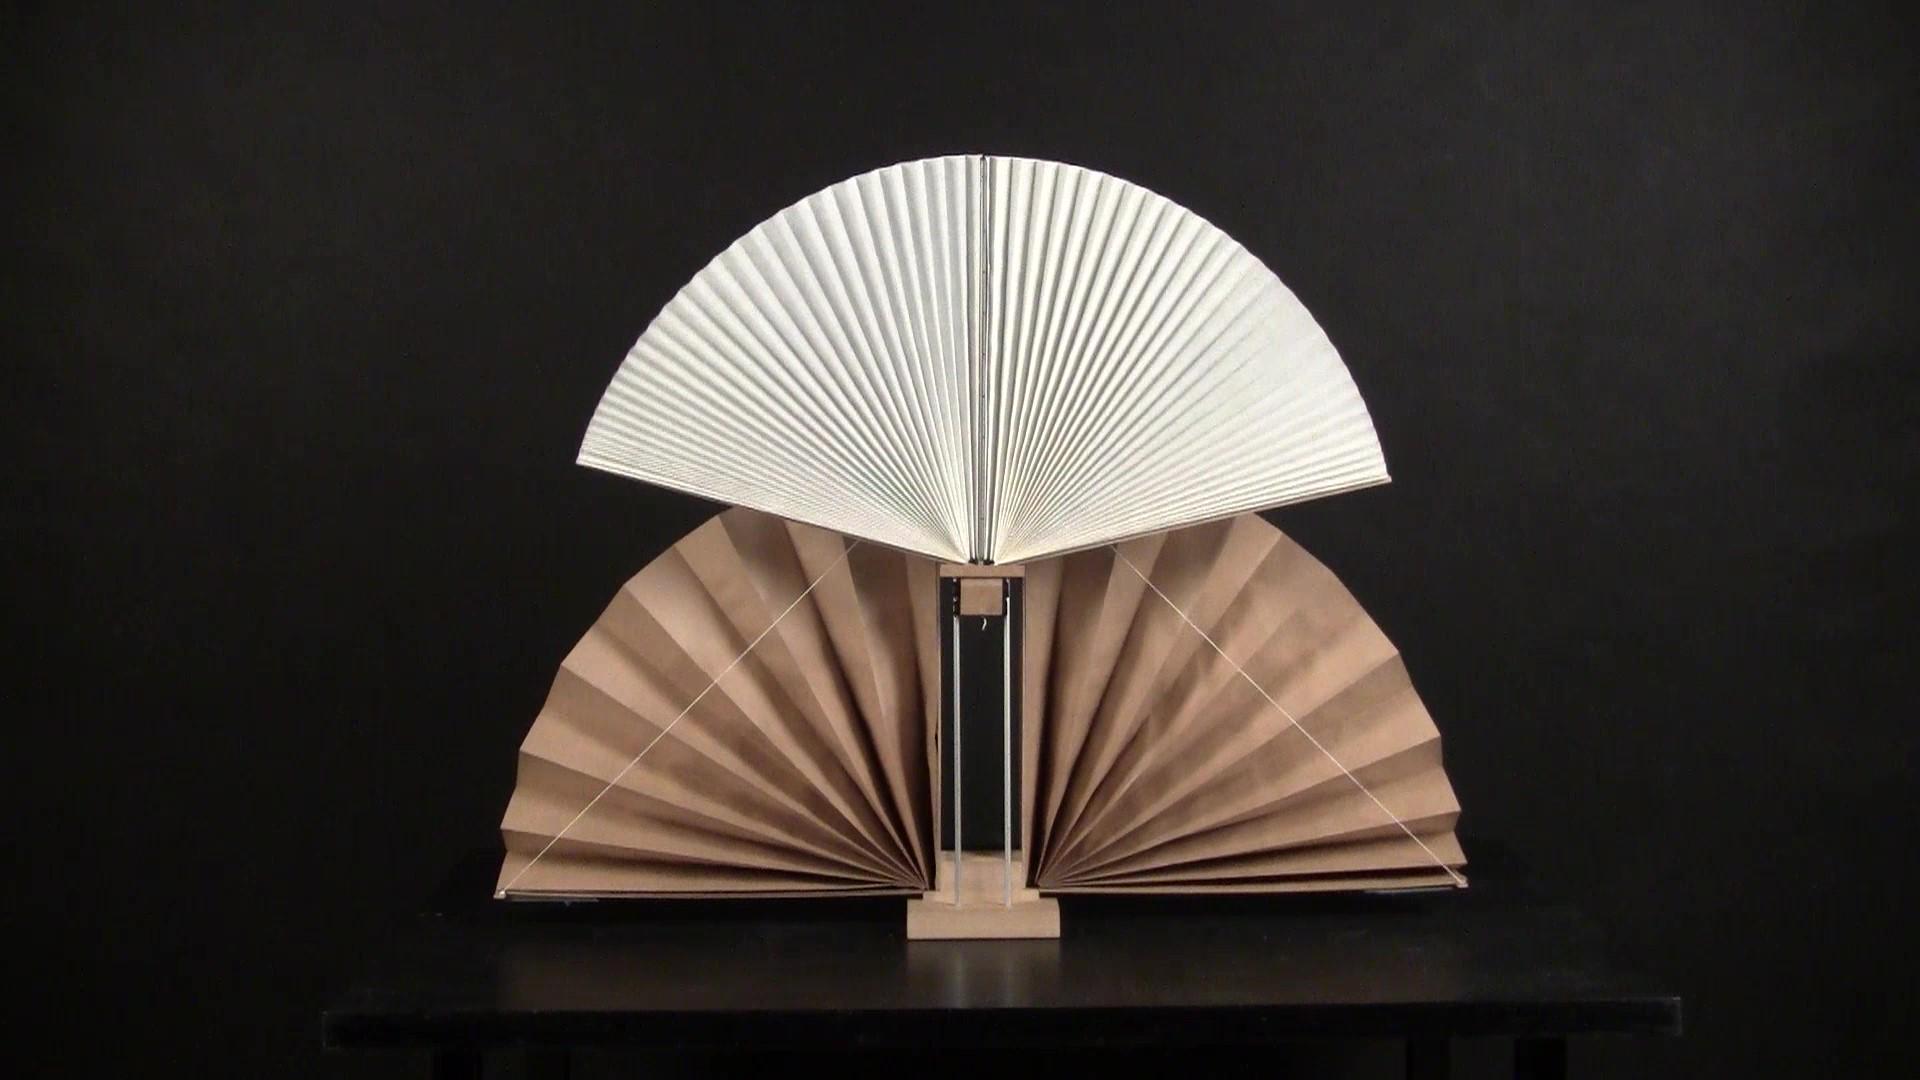 Ball Machine - maszyna ręcznie wykonana z drewna, płyty MDF / HDF, aluminium i papieru. Projekt i wykonanie Maciej Zawierucha.